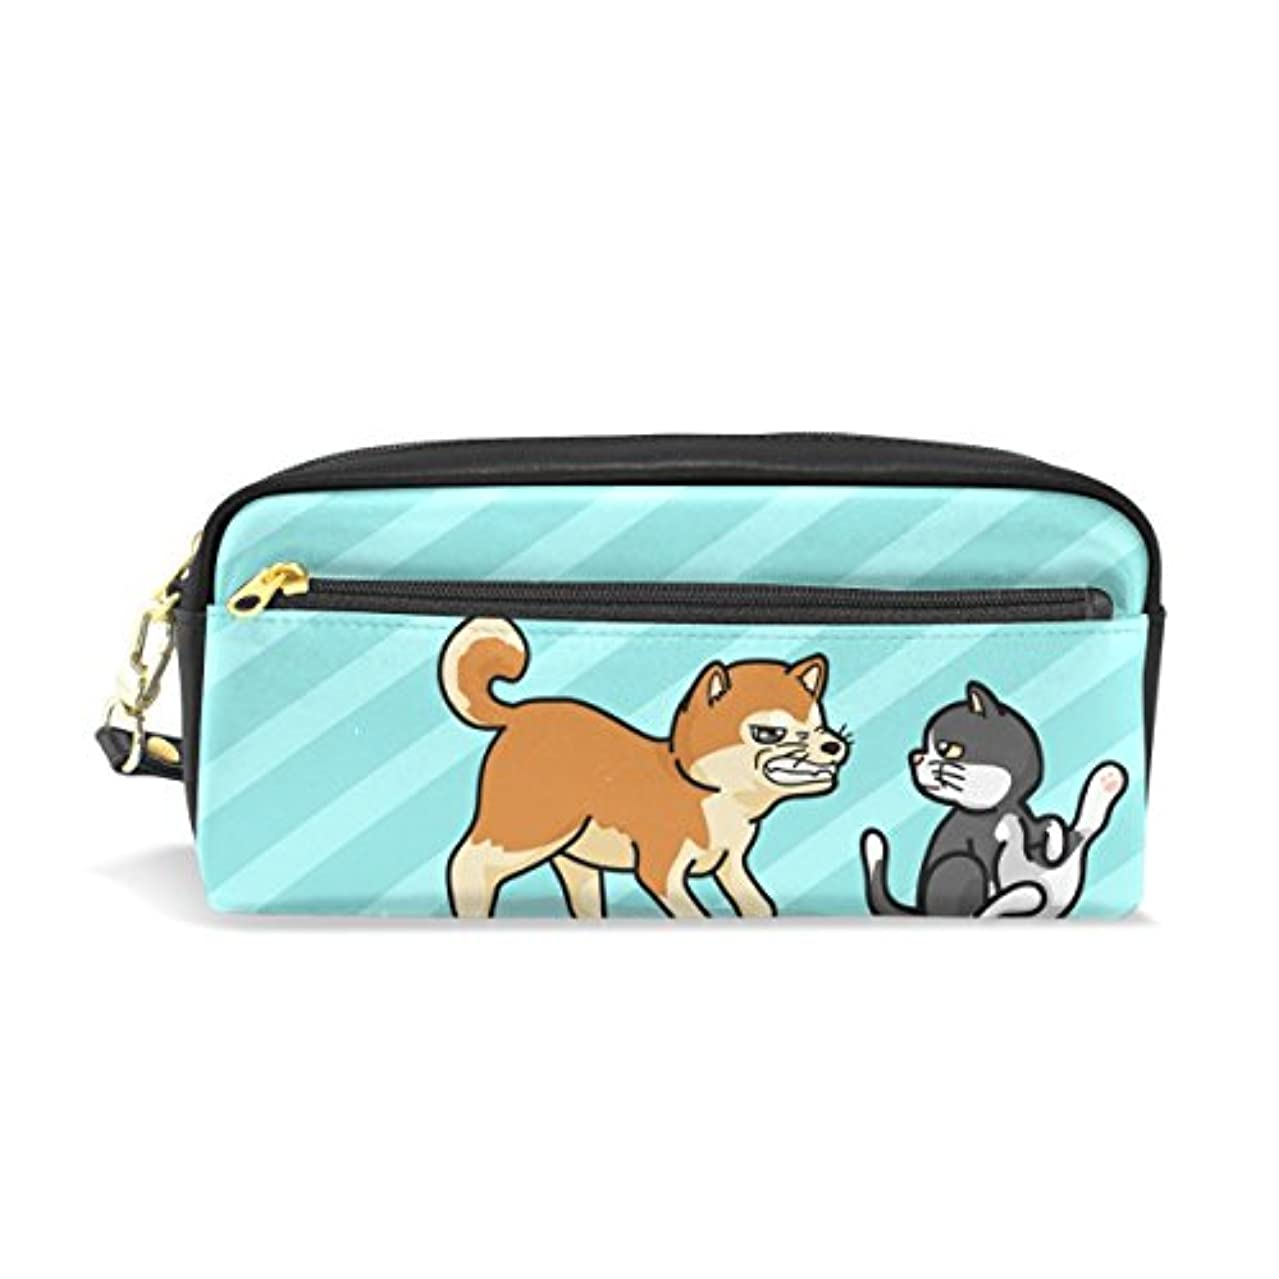 知覚するテープハーネスAOMOKI ペンケース 化粧ポーチ 小物入り 多機能バッグ 男女兼用 柴犬 猫